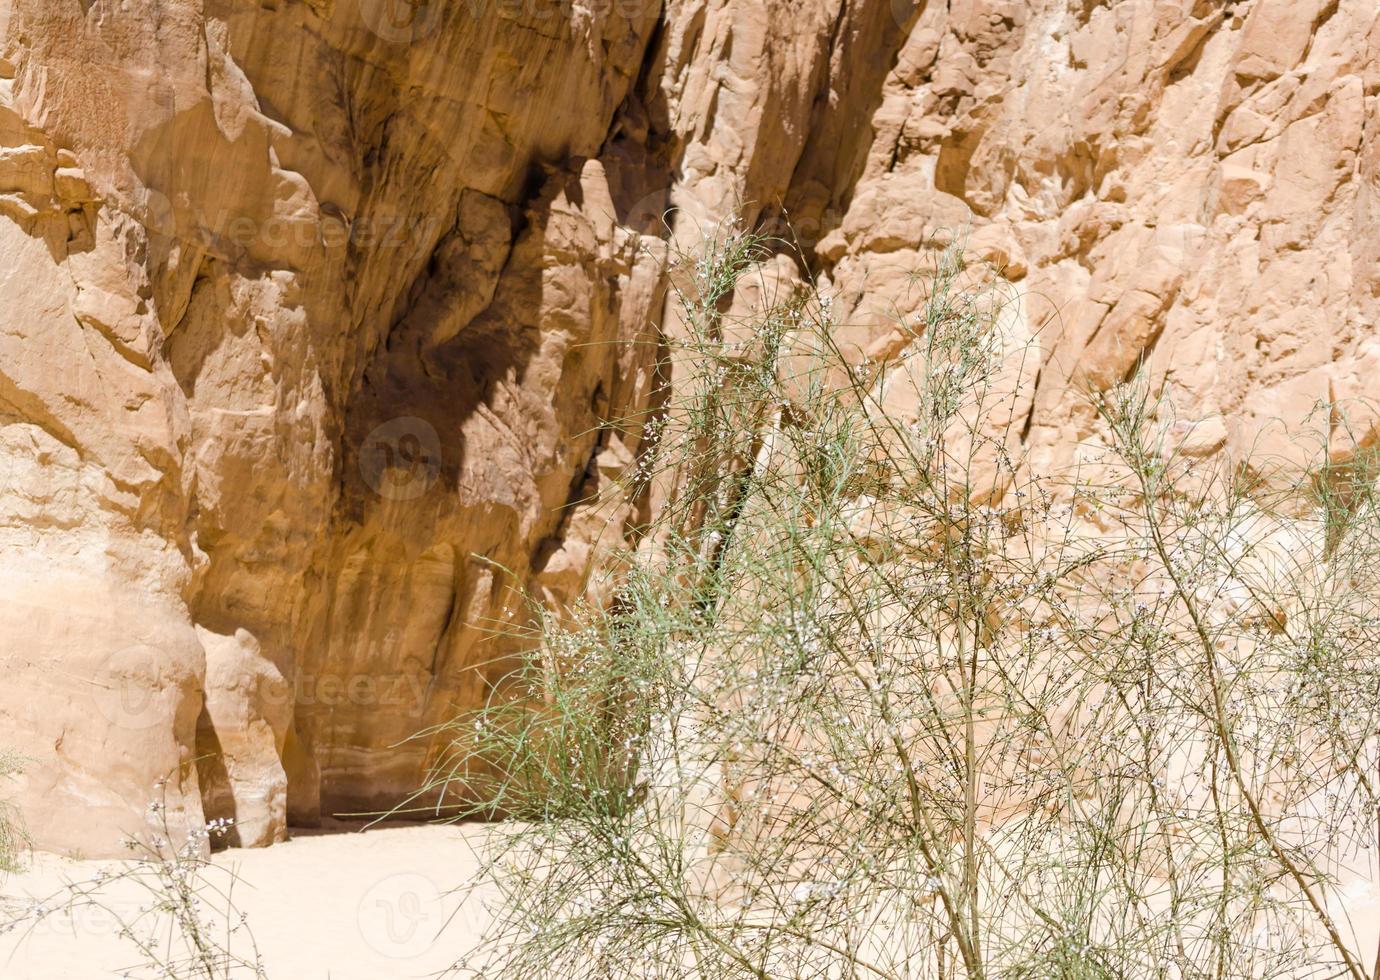 végétation et roches photo